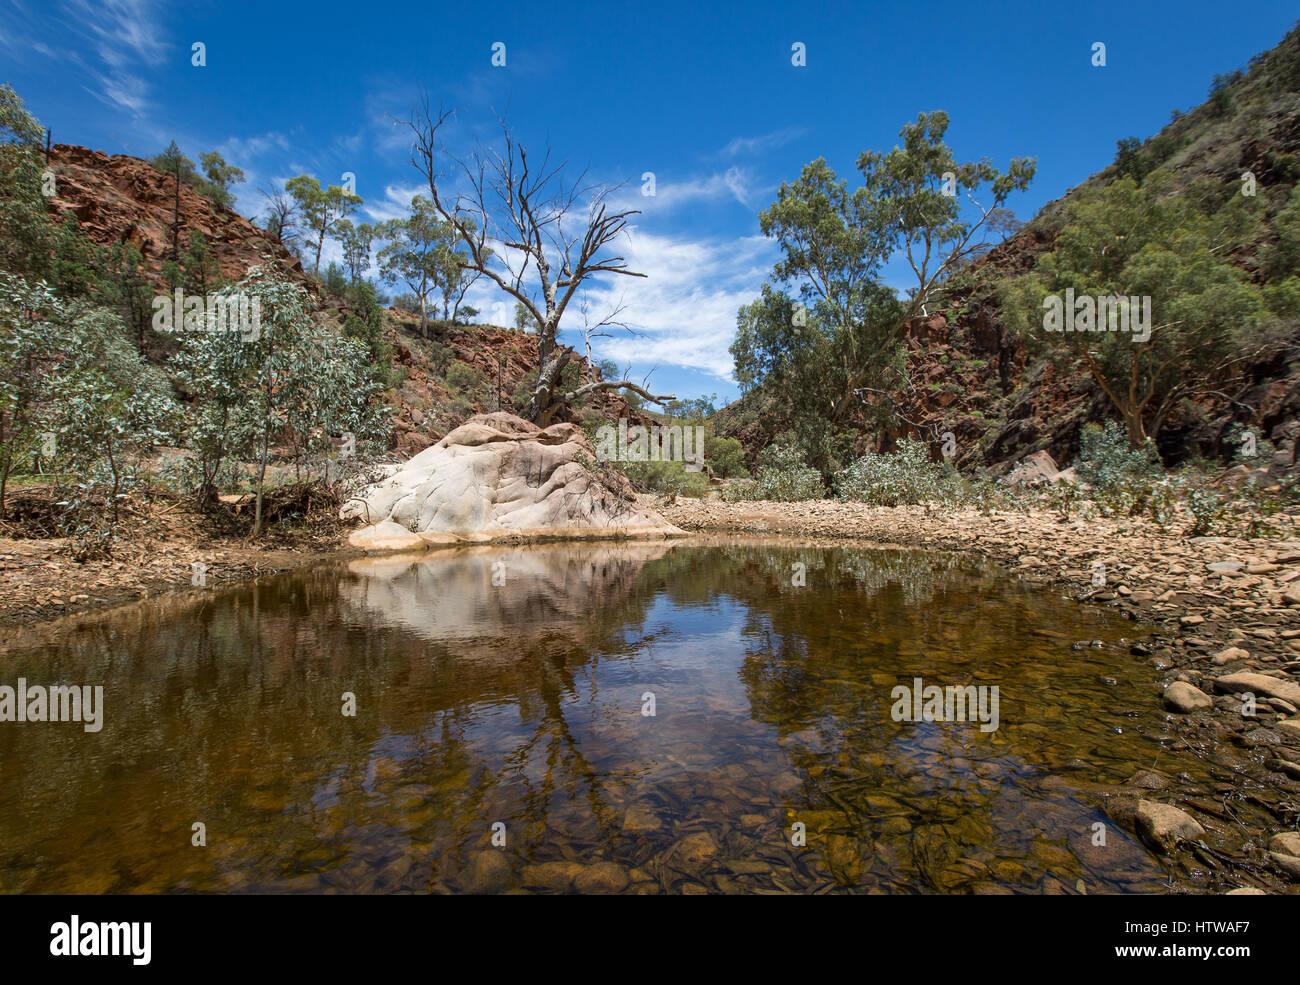 Arkaroola - Flinders Ranges, South Australia - Stock Image